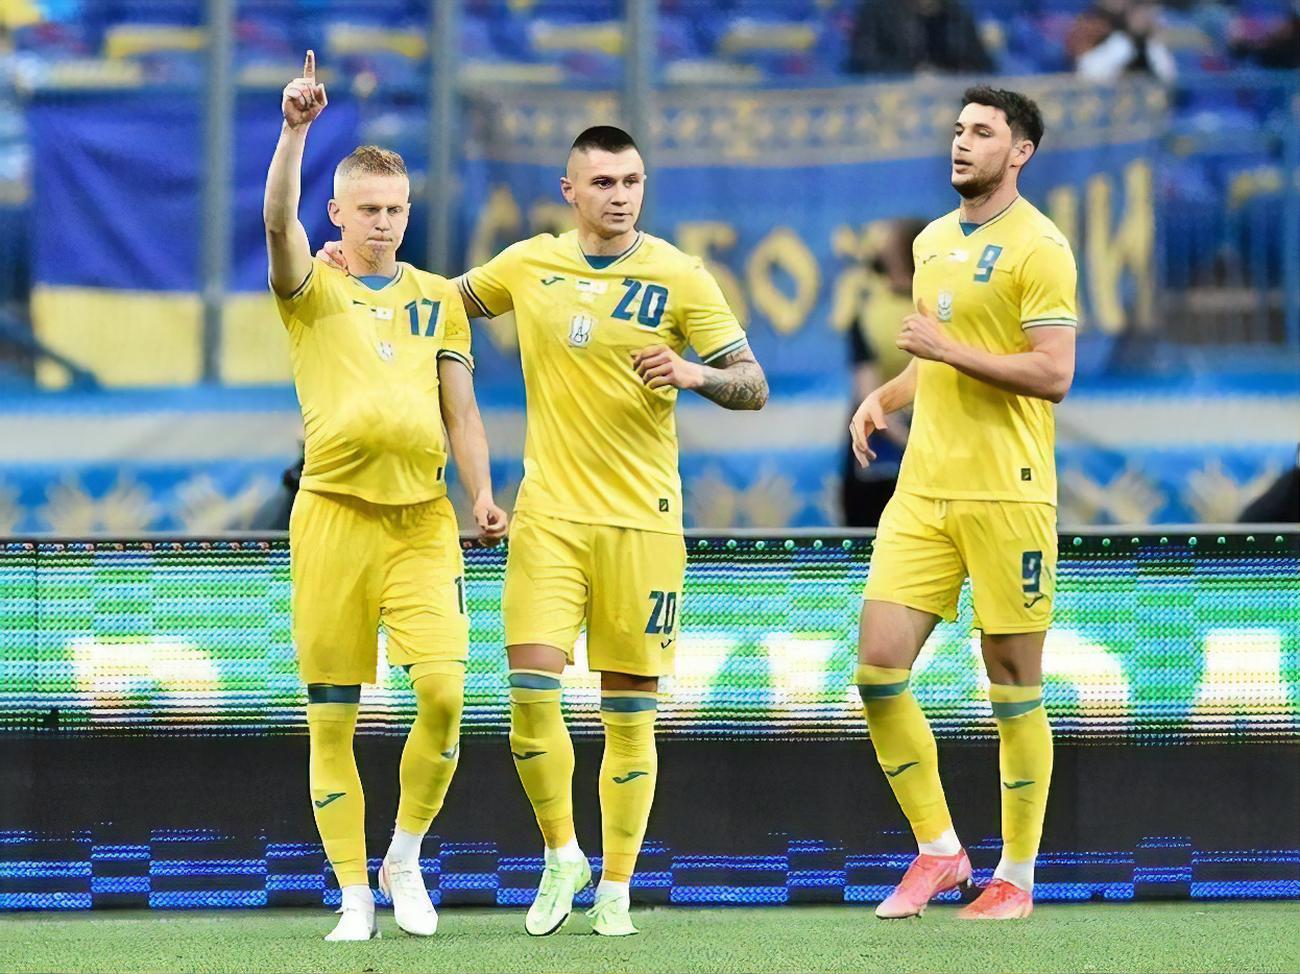 Украина намерена играть на Евро 2020 в форме с надписью 'Героям слава!